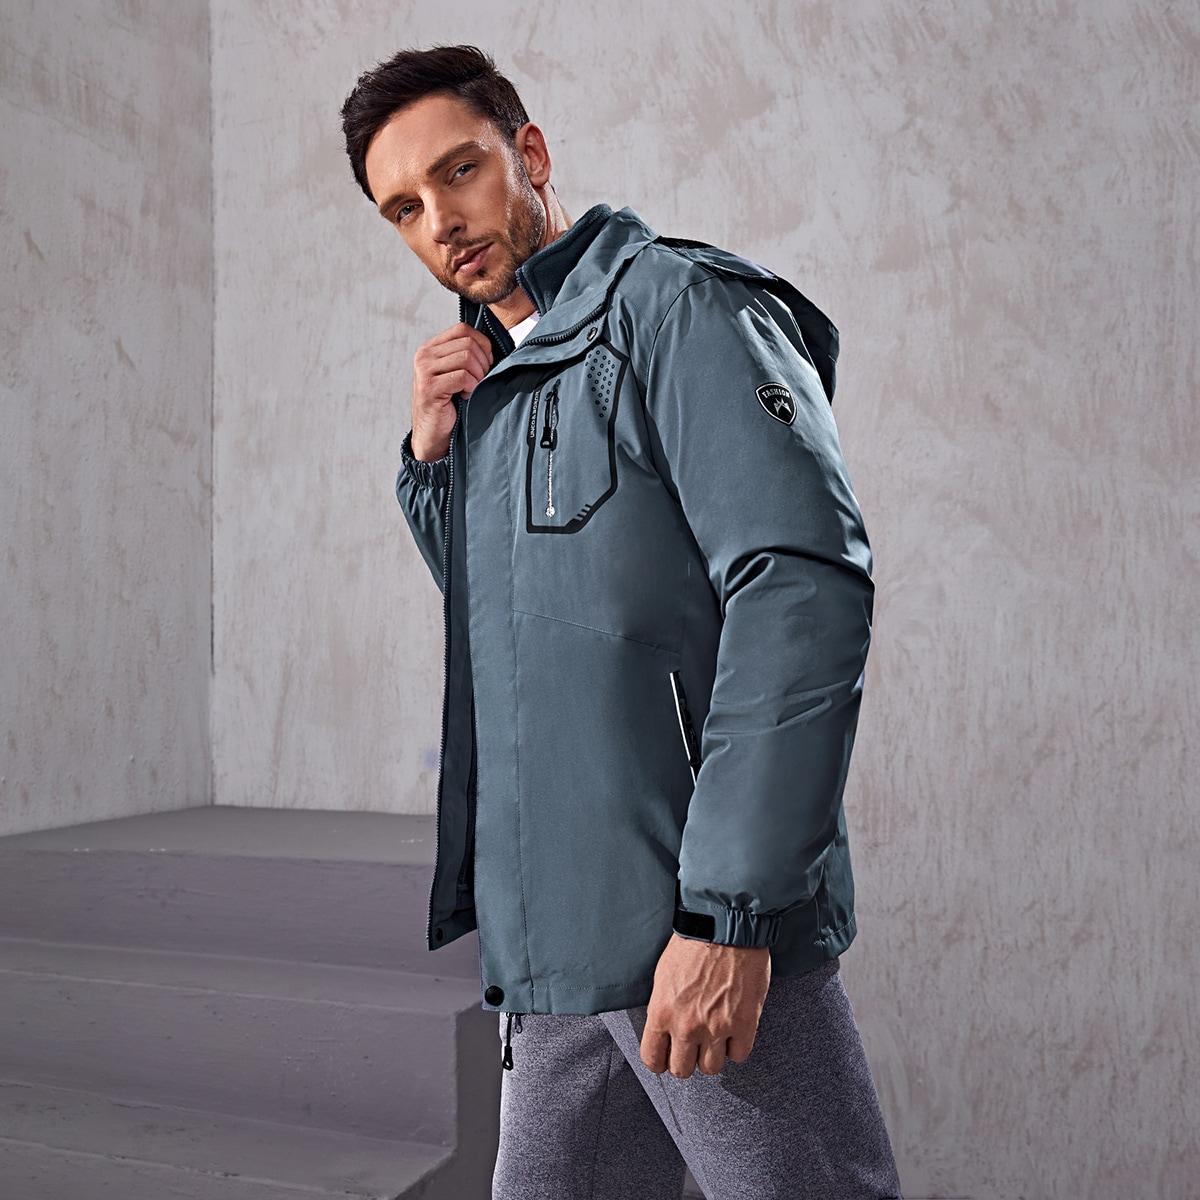 Мужская спортивная куртка с капюшоном и съемной плюшевой подкладкой